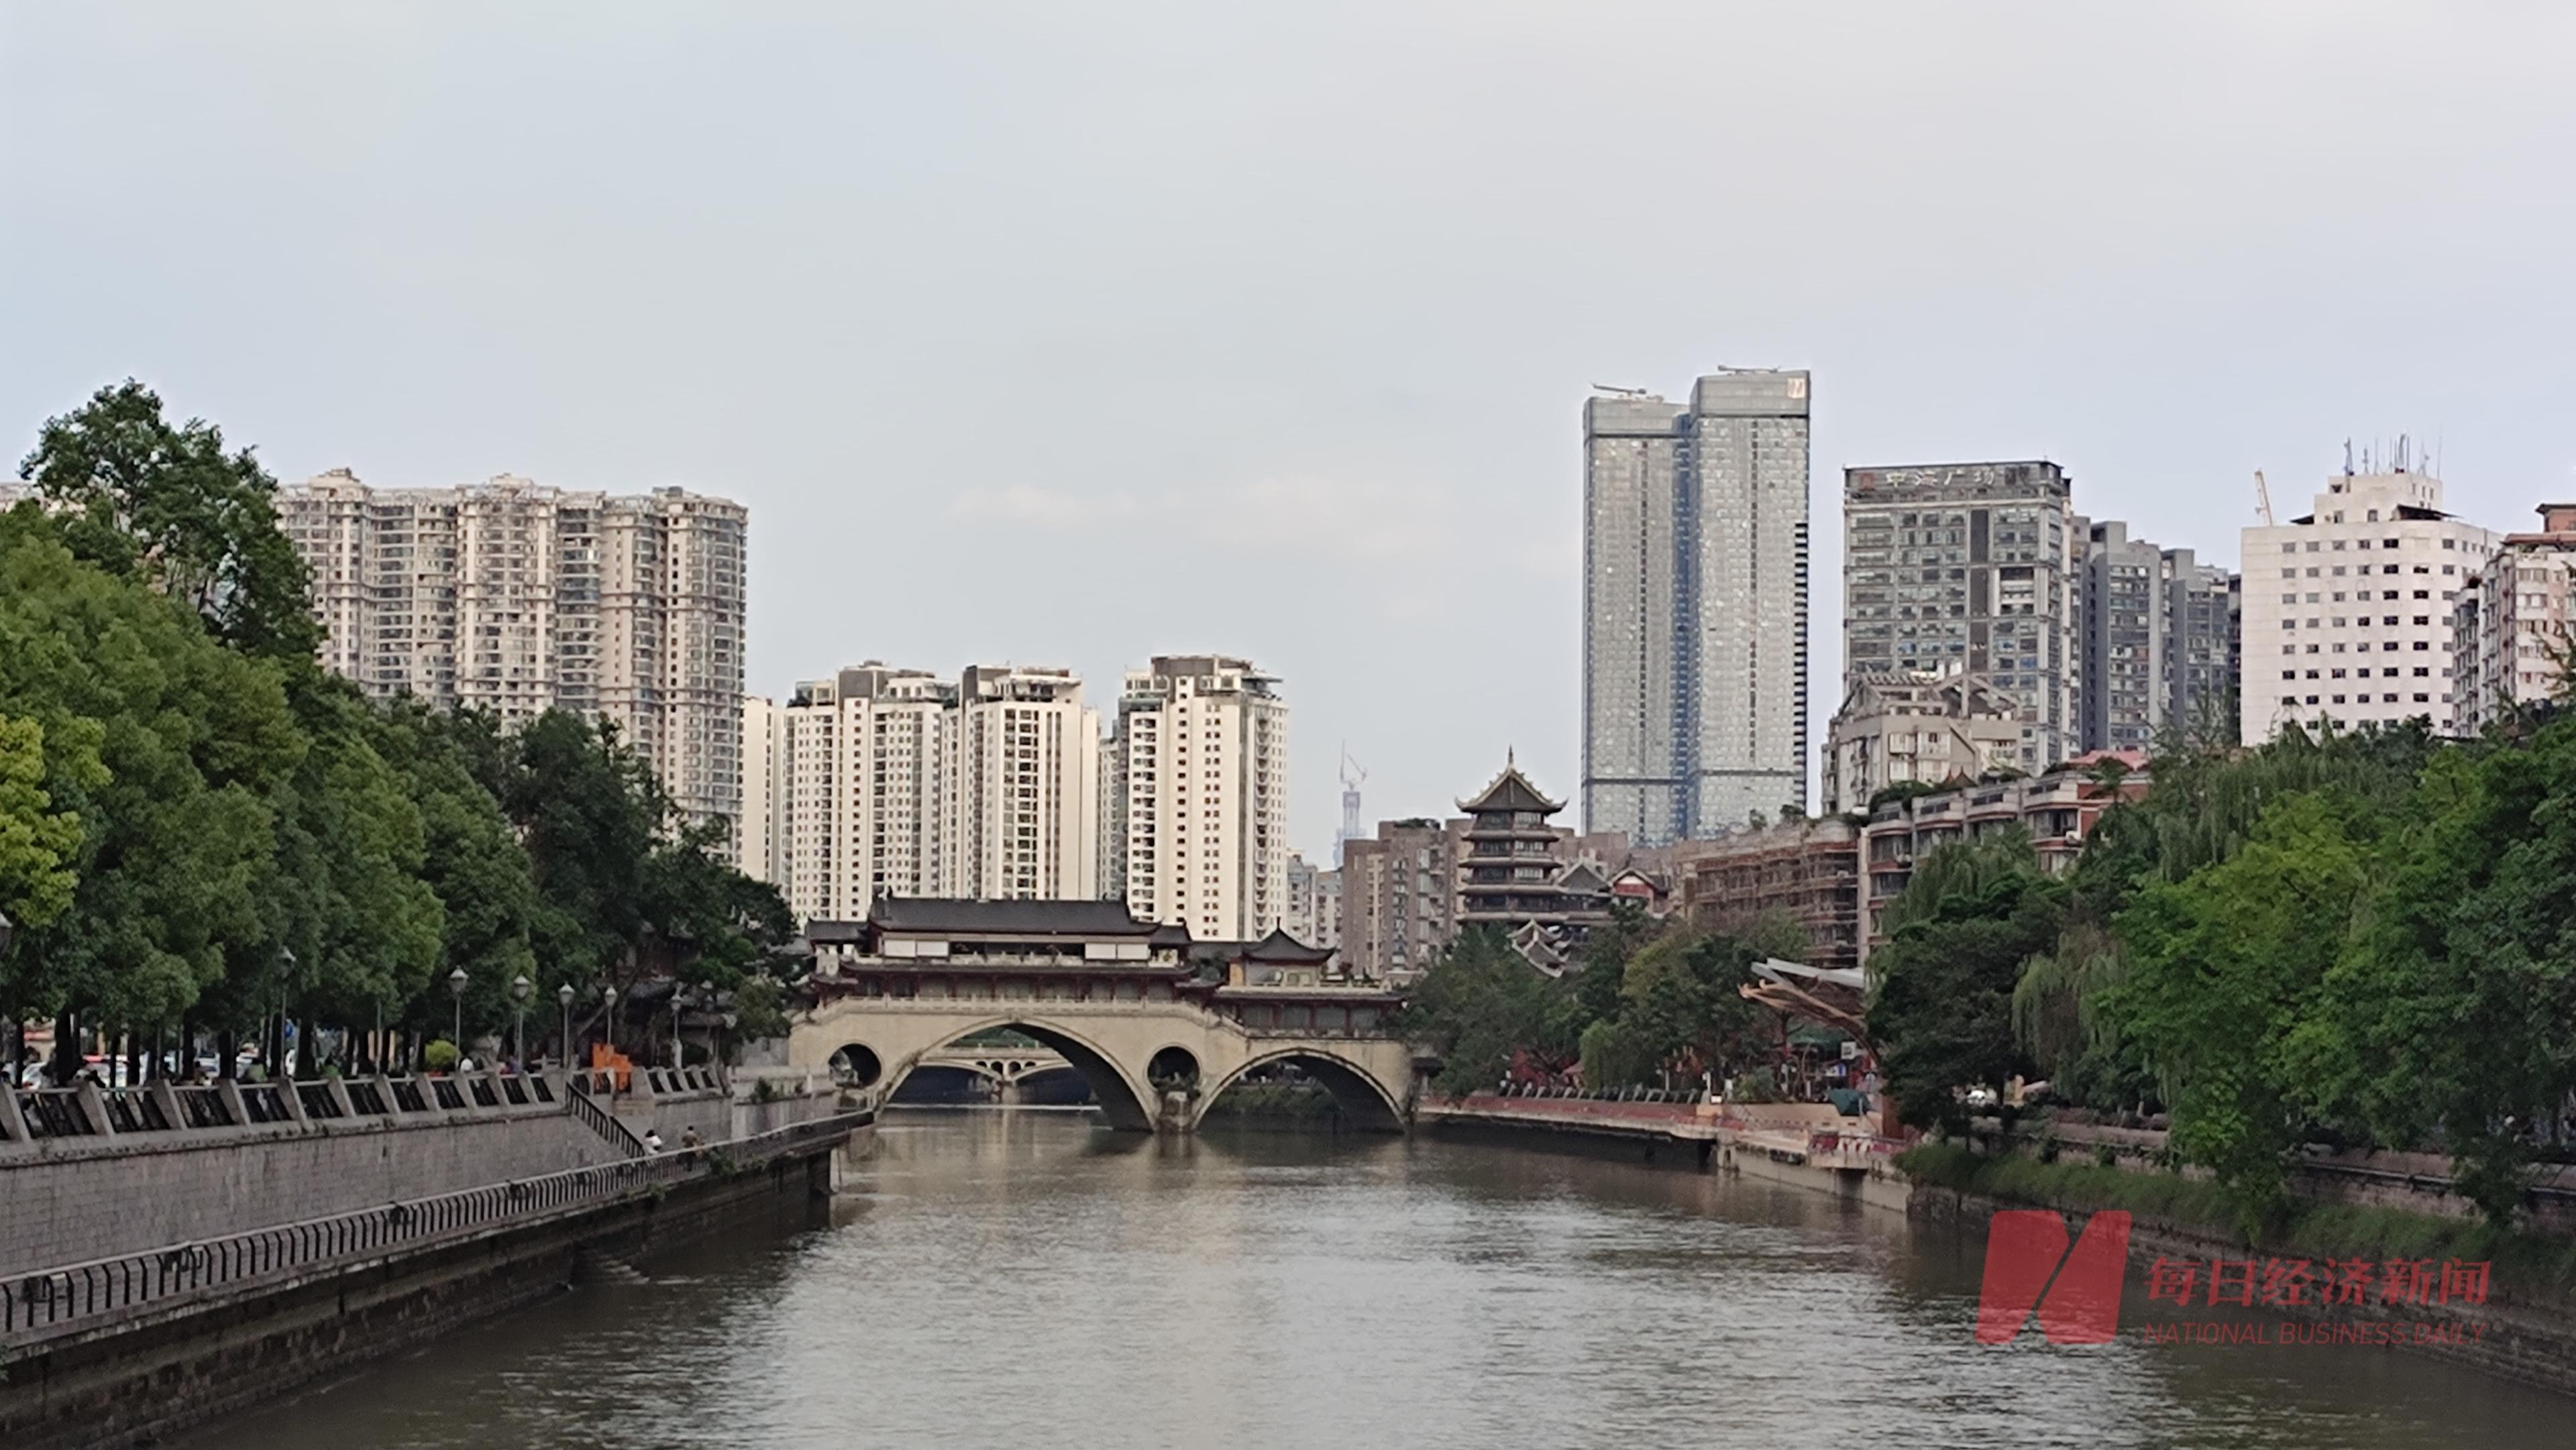 光辉平台地址成都首批集中供地揽金355亿元,本土及中小房企拿地金额占超六成